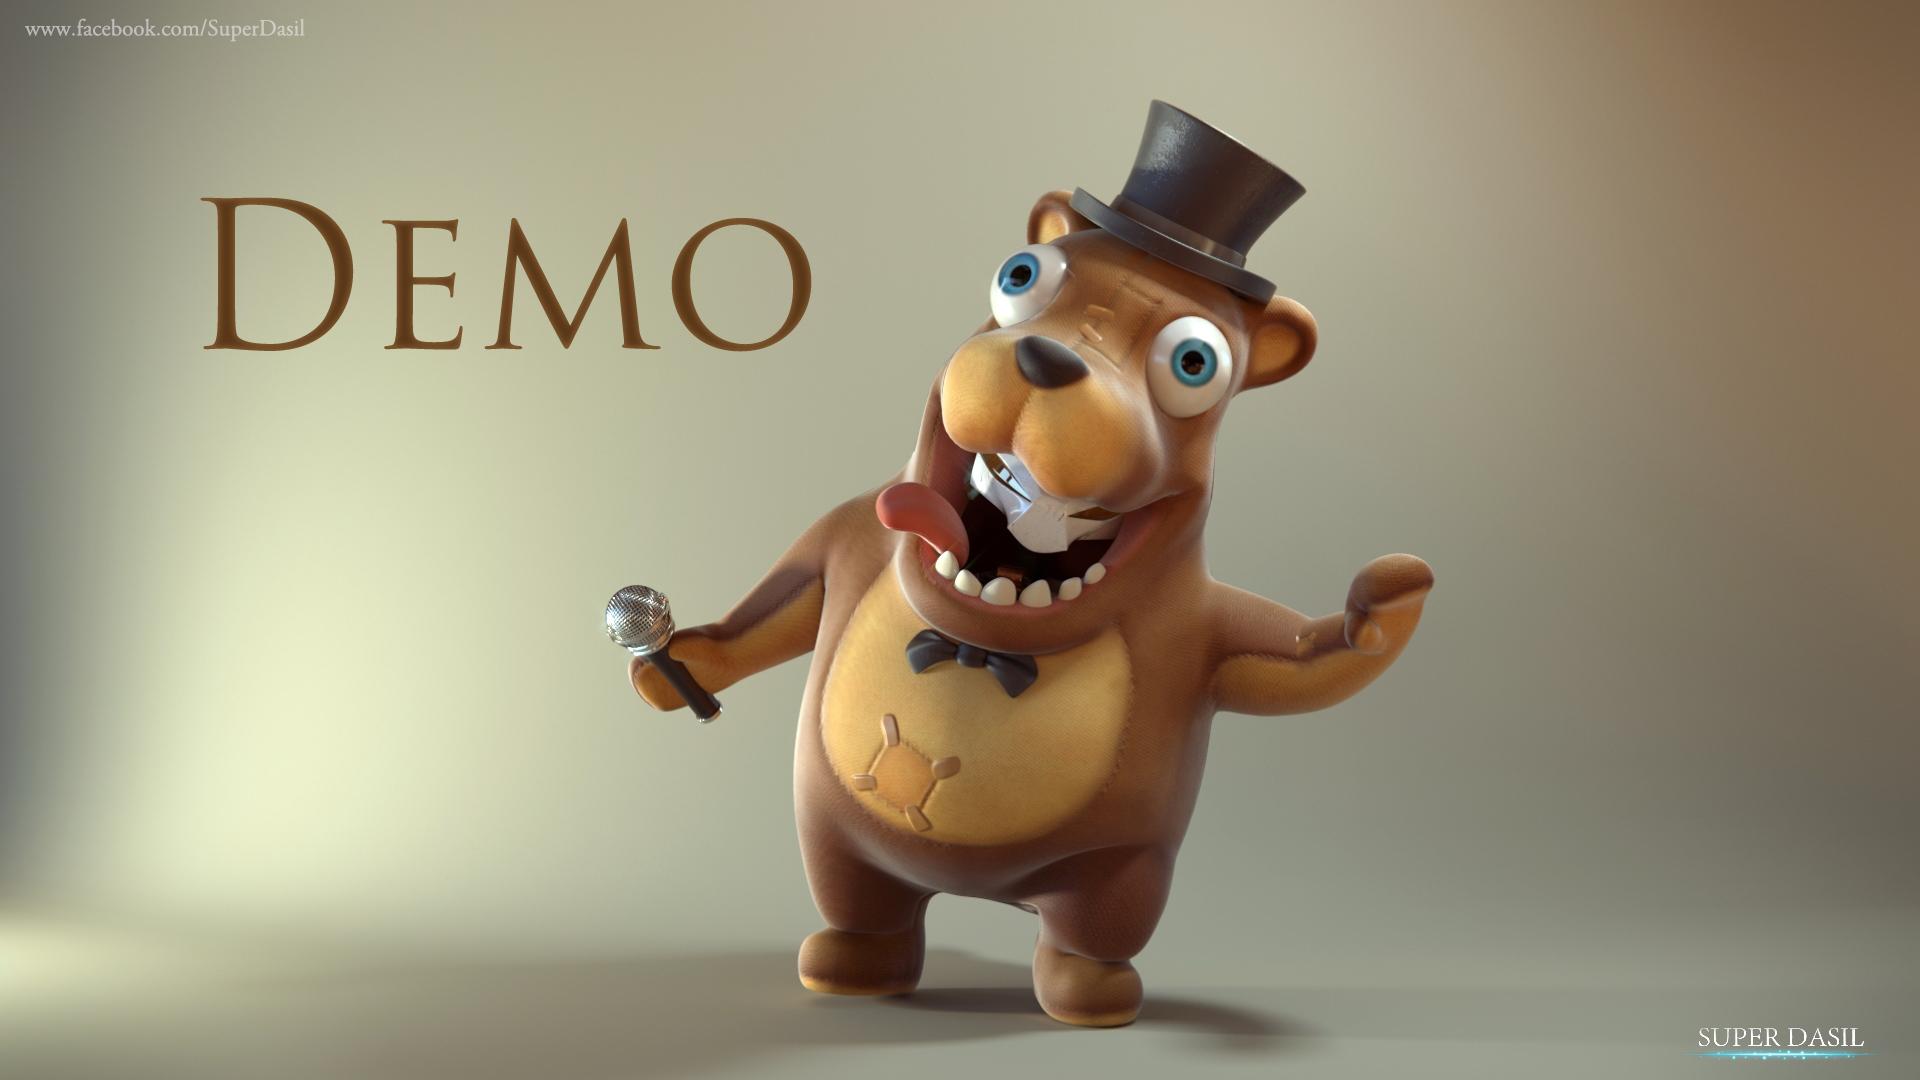 Demo Rig 3D Freddy Fazbear - BlenderNation